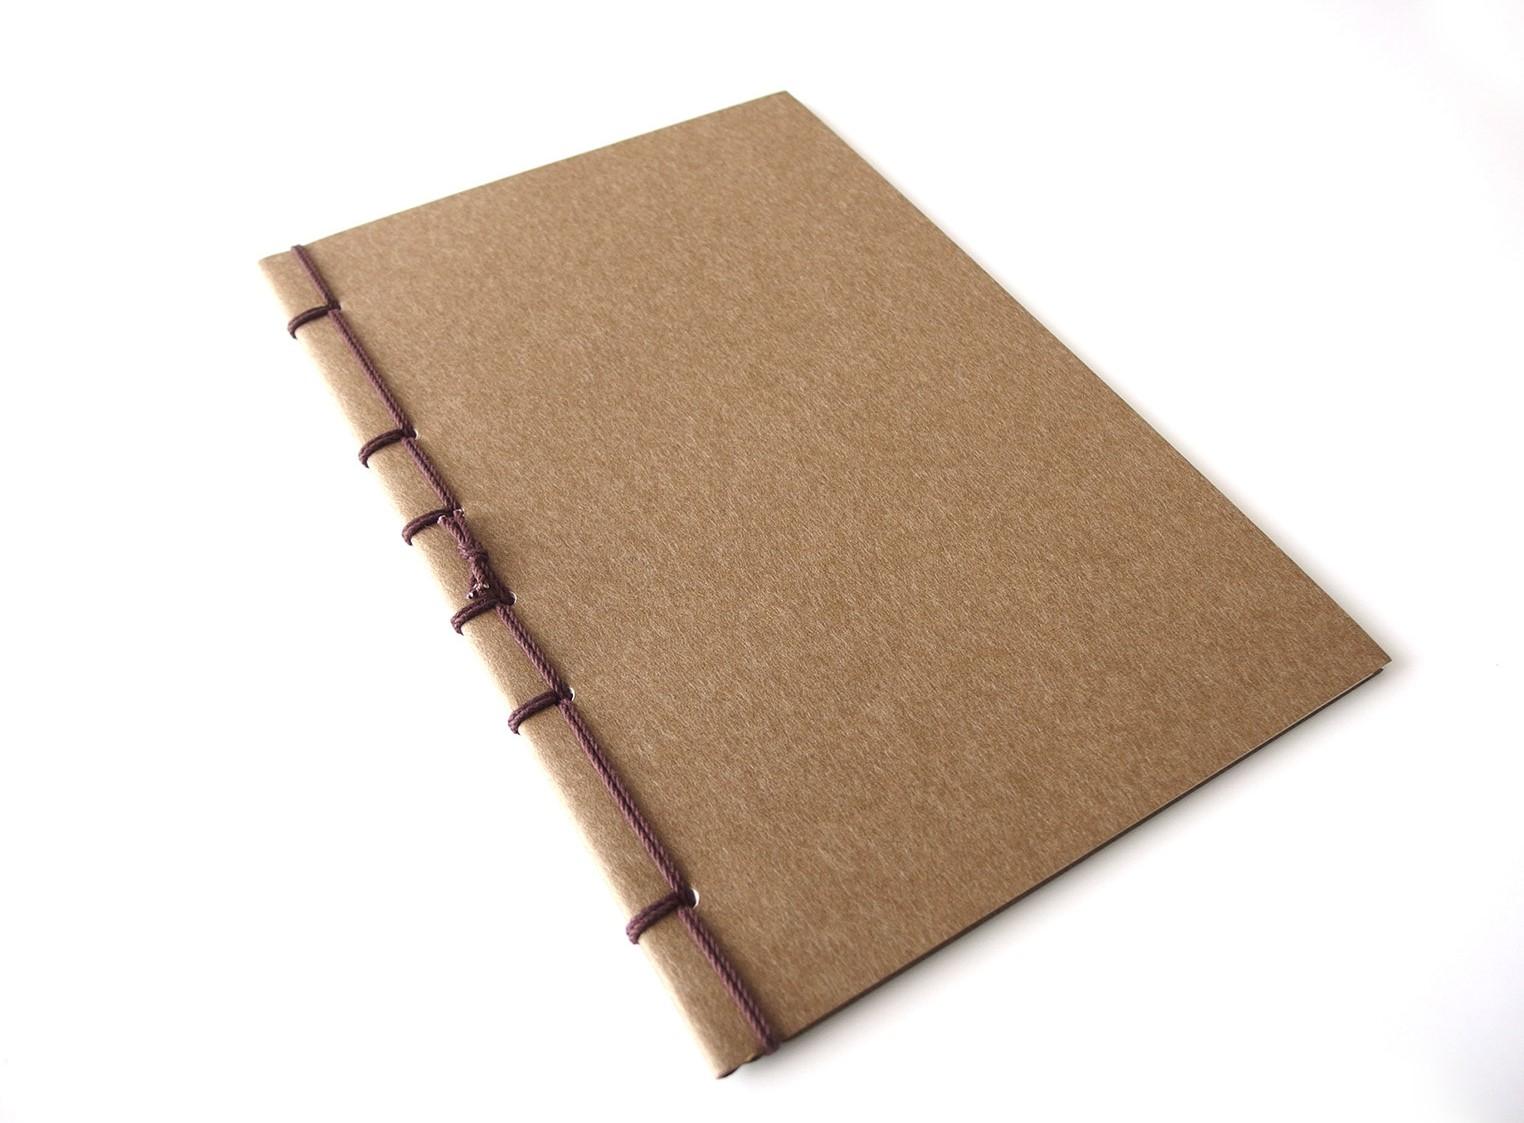 和紙のように見える、上品な仕上がりの表紙